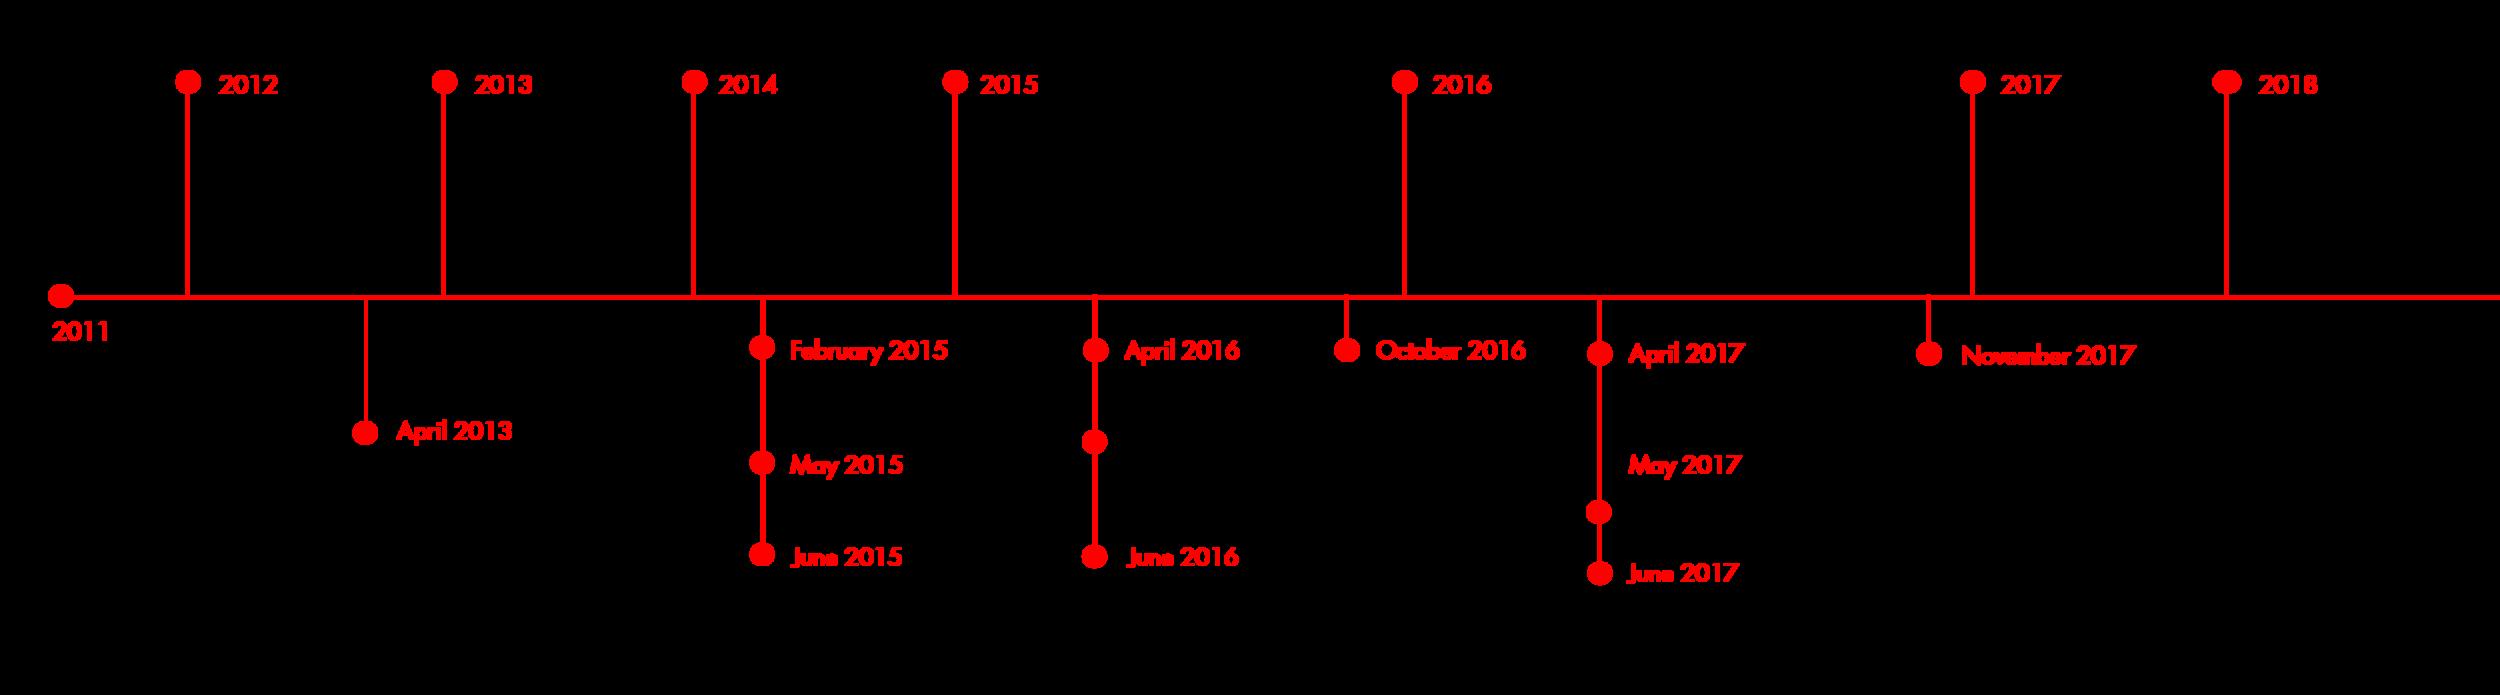 HCAP Timeline.png